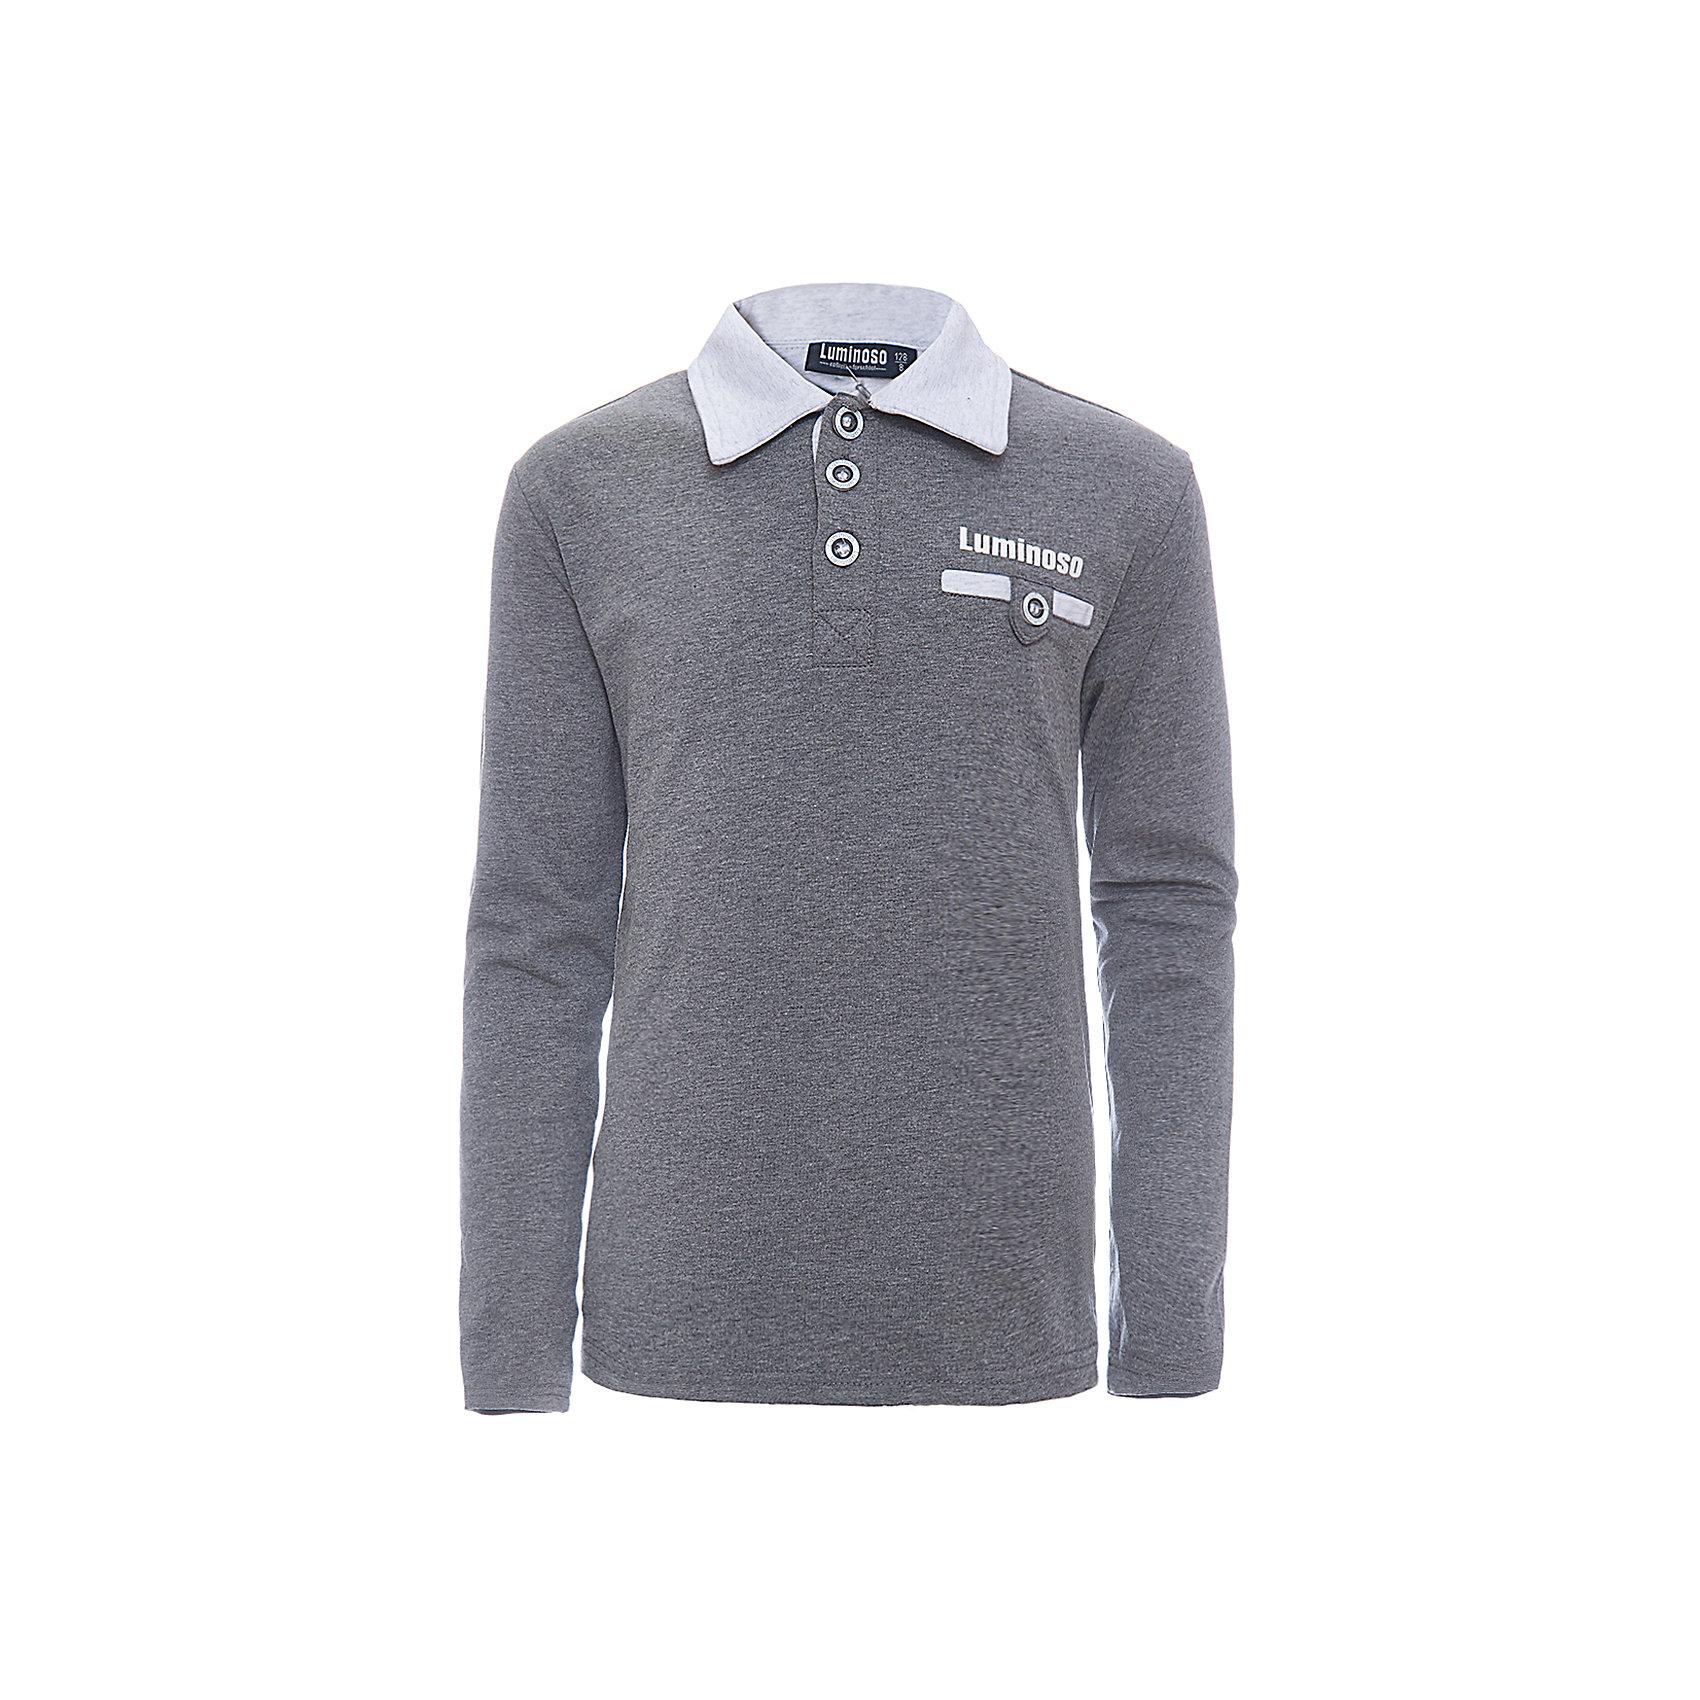 Рубашка-поло для мальчика LuminosoБлузки и рубашки<br>Характеристики товара:<br><br>• цвет: темно-серый<br>• состав: 95% хлопок, 5% эластан<br>• сезон: демисезон<br>• застежка: пуговицы<br>• нагрудный карман на пуговице<br>• особенности: школьная<br>• страна бренда: Россия<br>• страна производства: Китай<br><br>Темно-серый джемпер-поло из трикотажной хлопковой ткани с длинным рукавом для мальчика с контрастным, светло-серым воротничком и карманом. С короткой застежкой на пуговицах.<br><br>Рубашка-поло для мальчика Luminoso (Люминосо) можно купить в нашем интернет-магазине.<br><br>Ширина мм: 230<br>Глубина мм: 40<br>Высота мм: 220<br>Вес г: 250<br>Цвет: серый<br>Возраст от месяцев: 156<br>Возраст до месяцев: 168<br>Пол: Мужской<br>Возраст: Детский<br>Размер: 164,122,128,134,140,146,152,158<br>SKU: 6672410